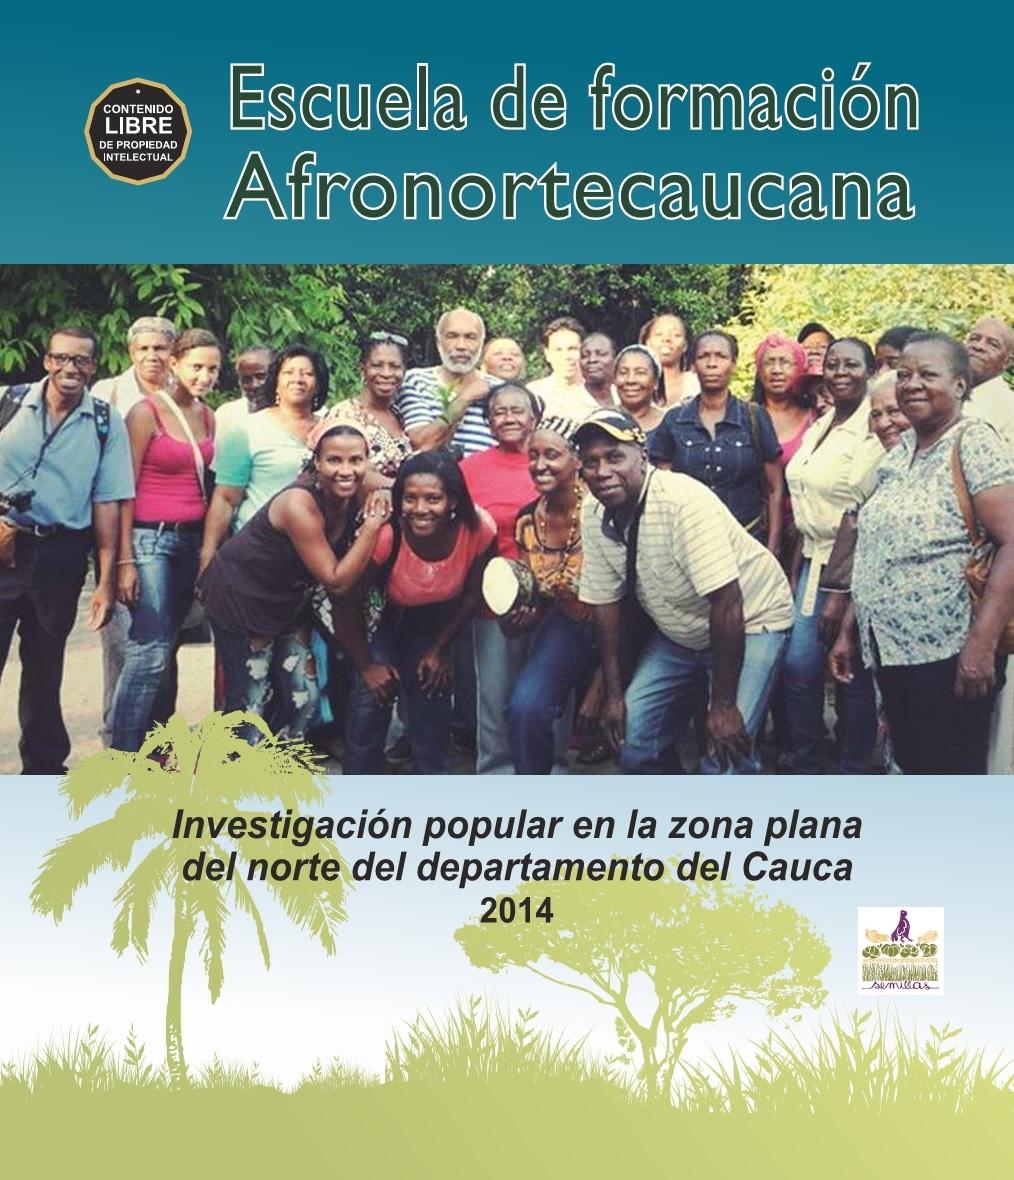 Gráfica alusiva a Escuela de formación afronortecaucana. Investigación popular en la zona plana del norte del departamento del Cauca